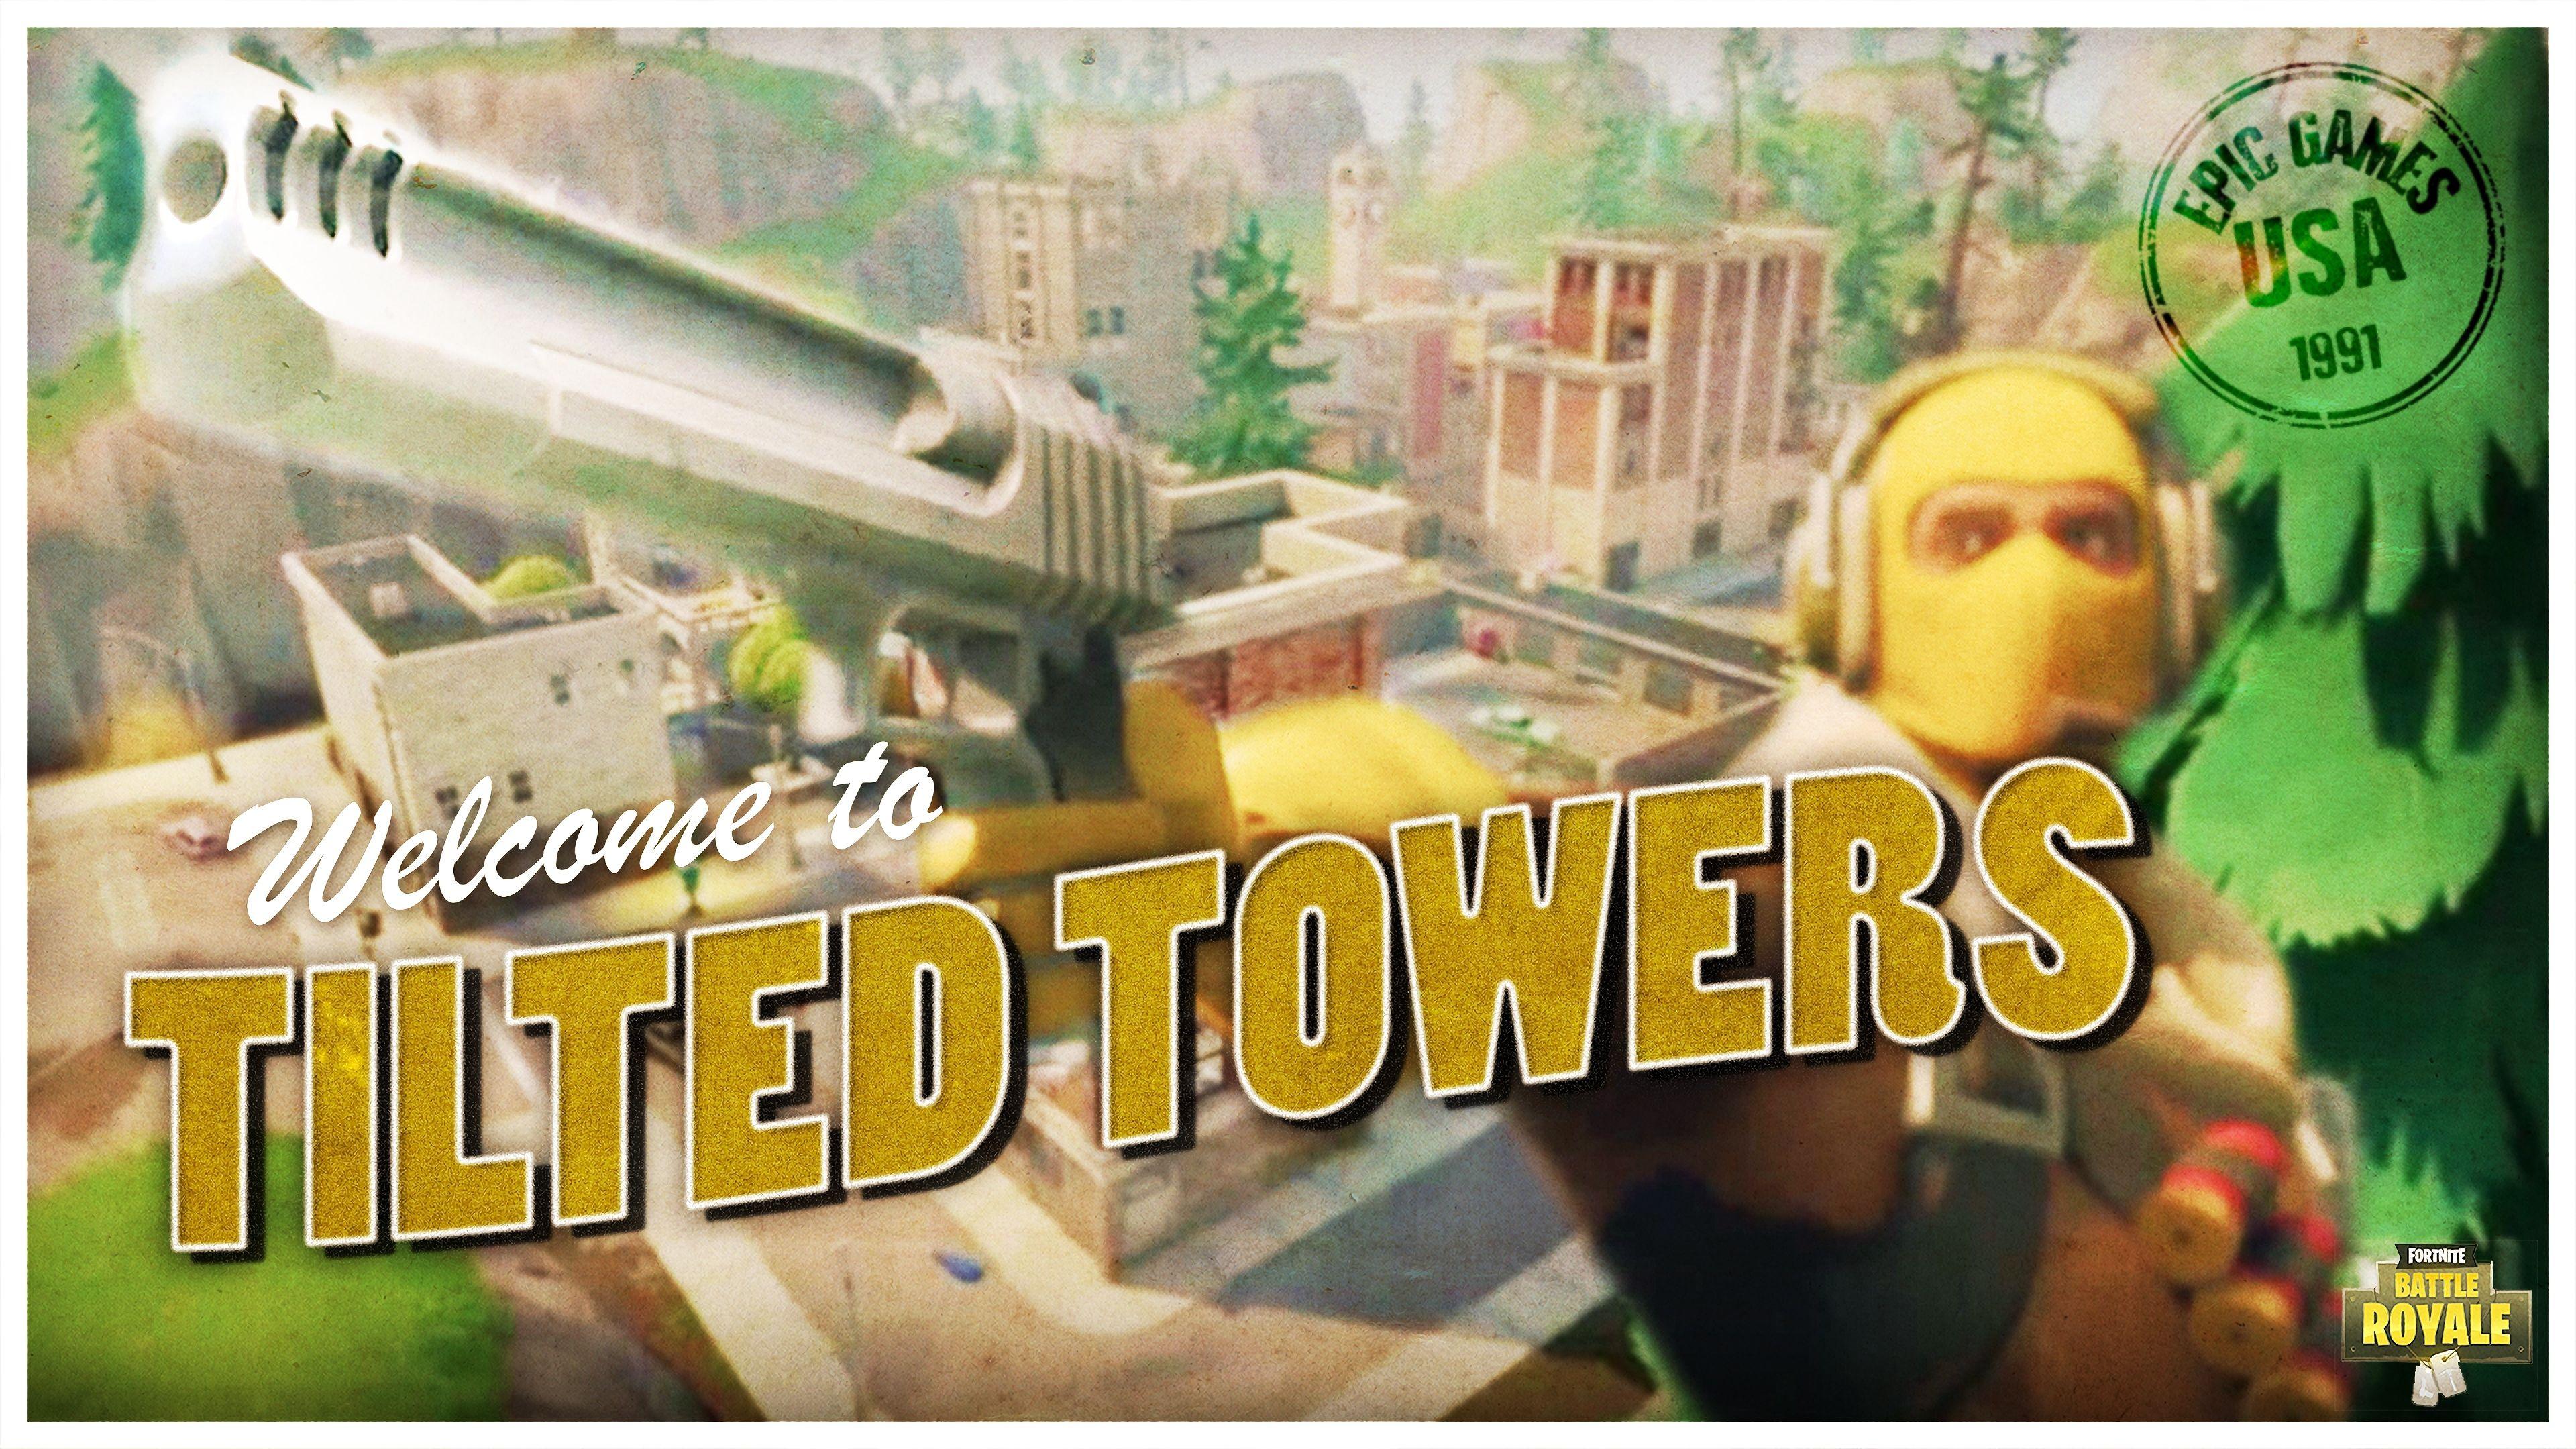 Fortnite Battle Royale Raptor Tilted Towers Video Game